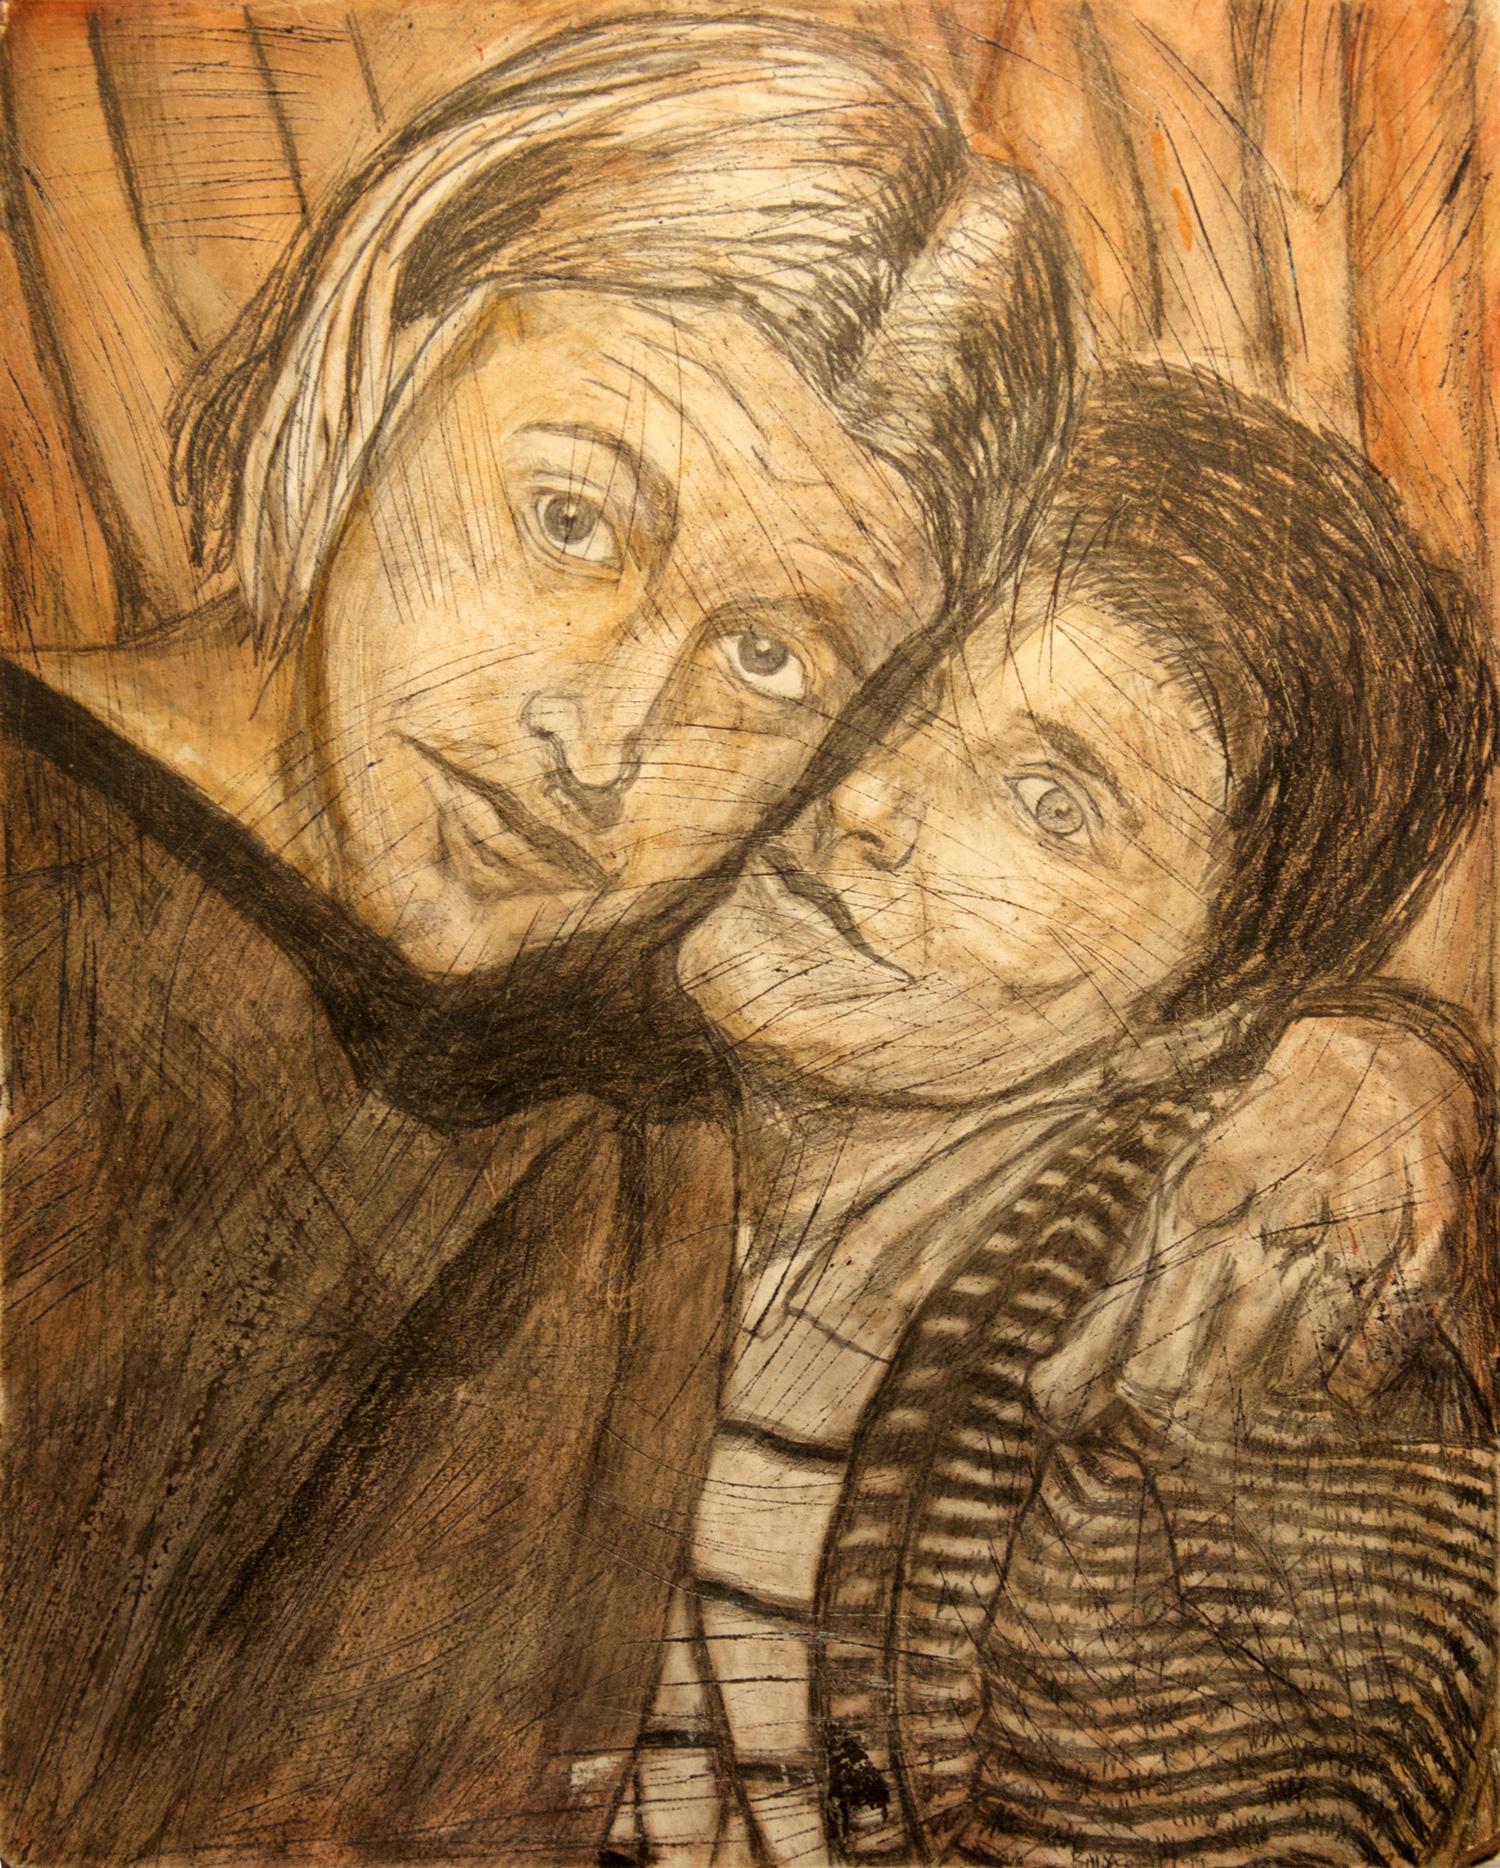 Billy & Tara portrait drawing, by Billy Reiter